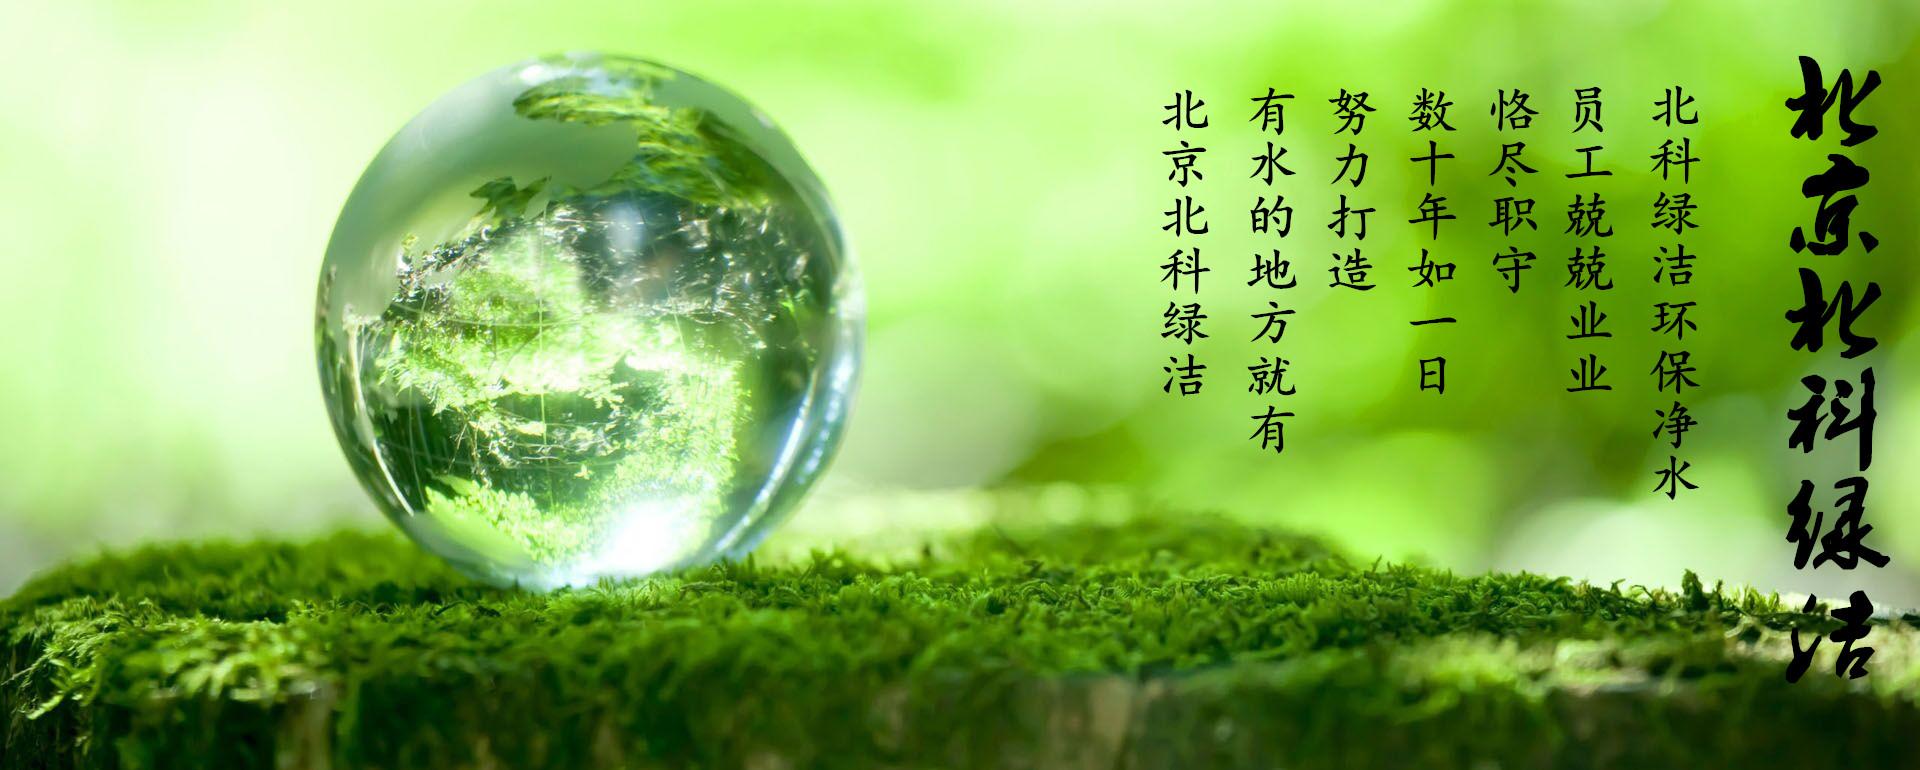 植物素材唯美海水北京